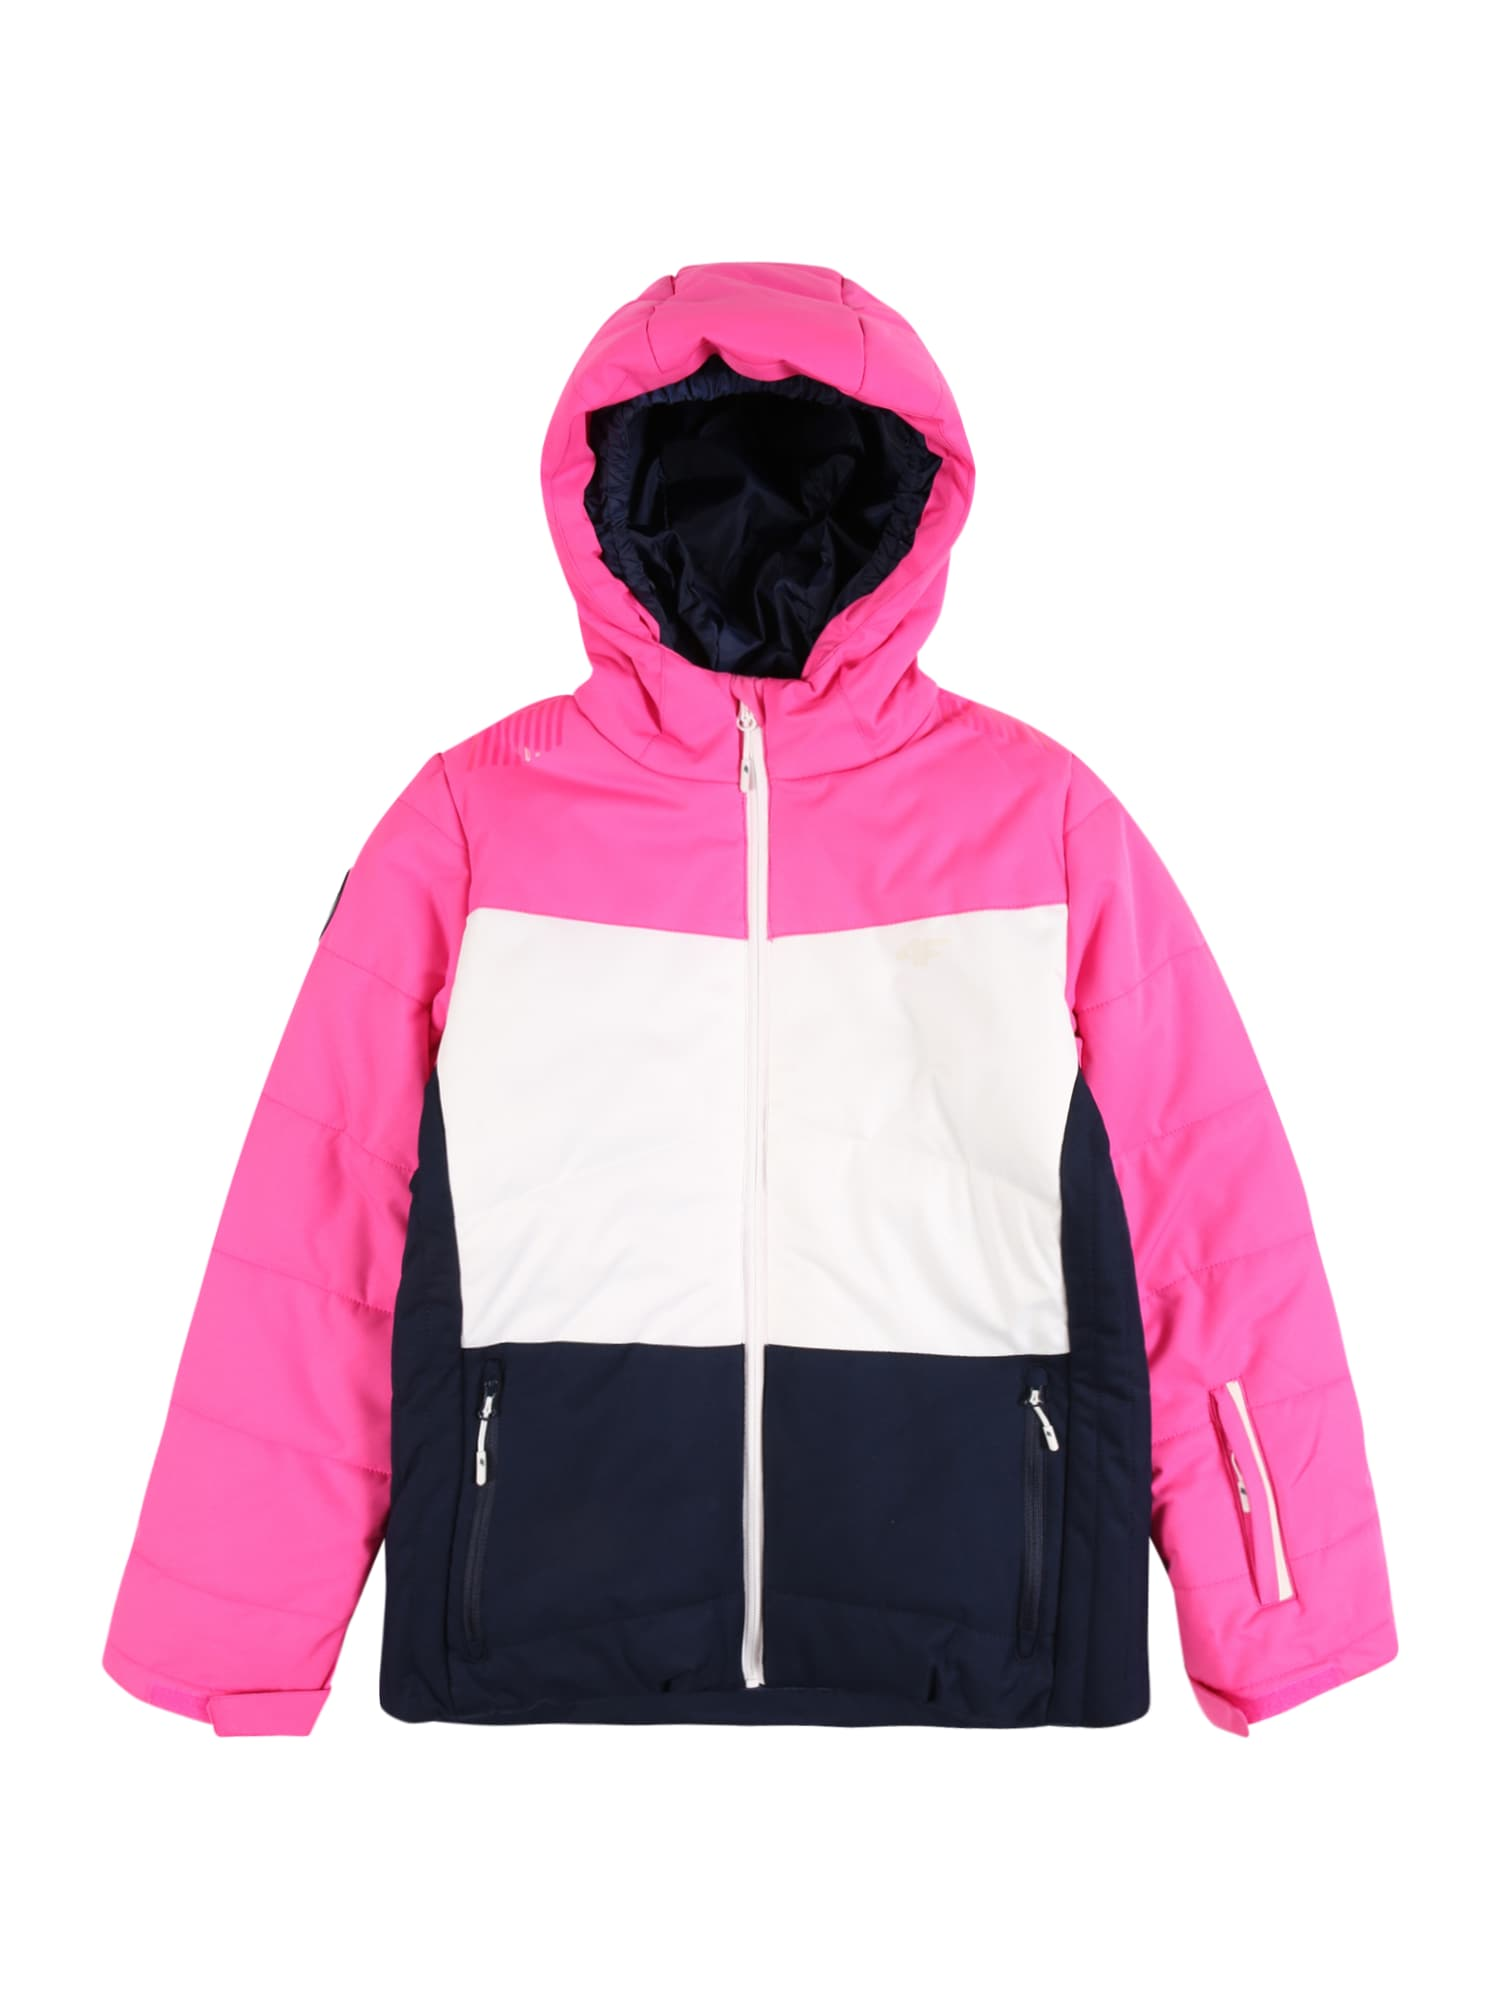 4F Laisvalaikio striukė balta / rožinė / tamsiai mėlyna